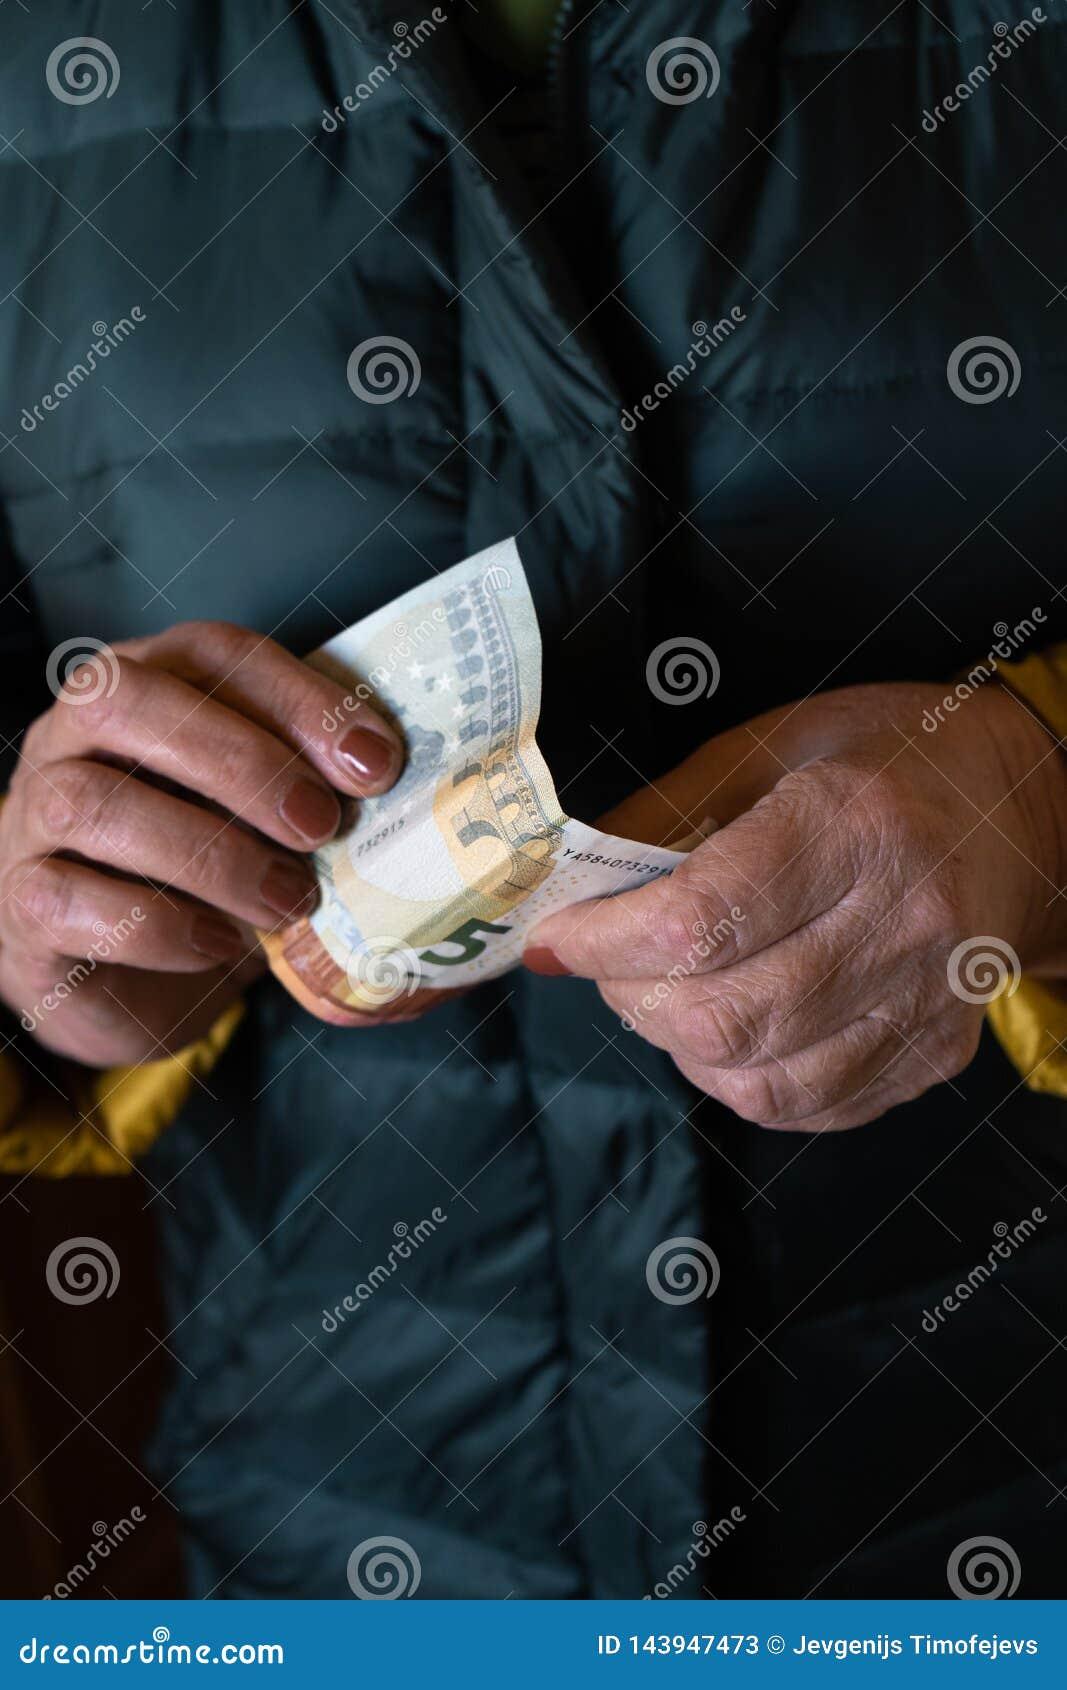 ?ltere ?ltere Frau h?lt die EURObanknoten - Ost - europ?ische Gehaltspension